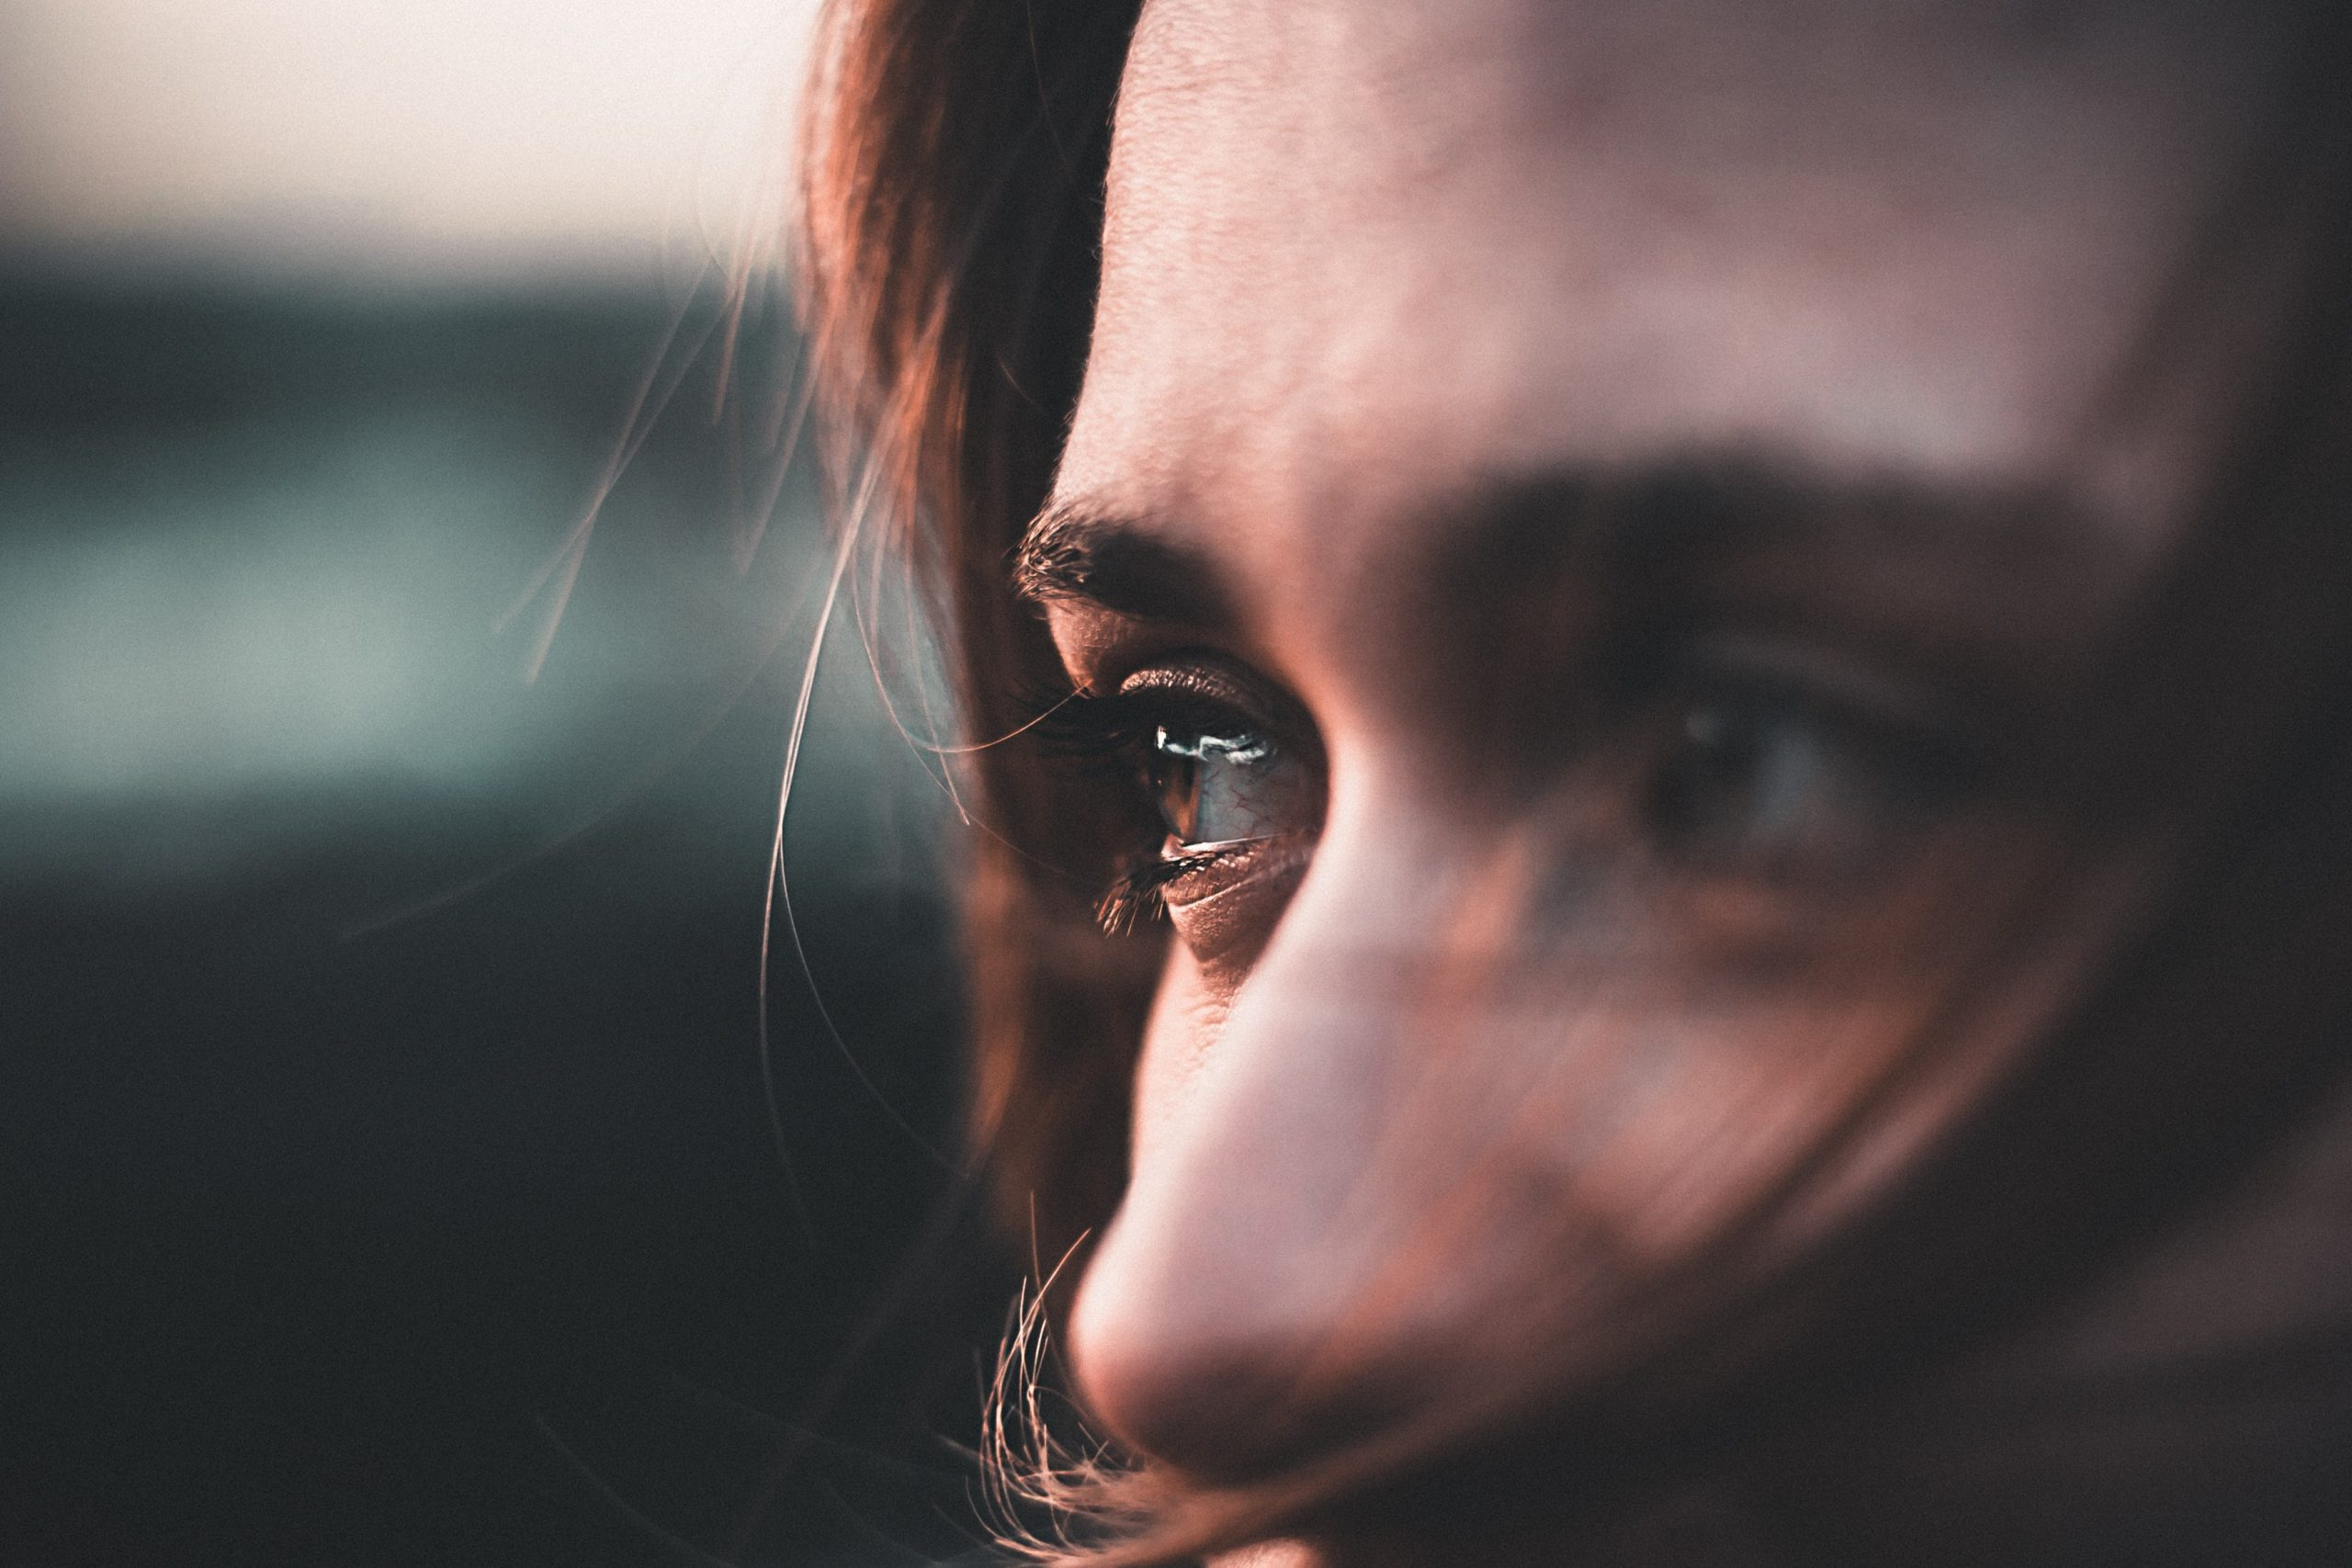 Emociones y duelo por suicidio